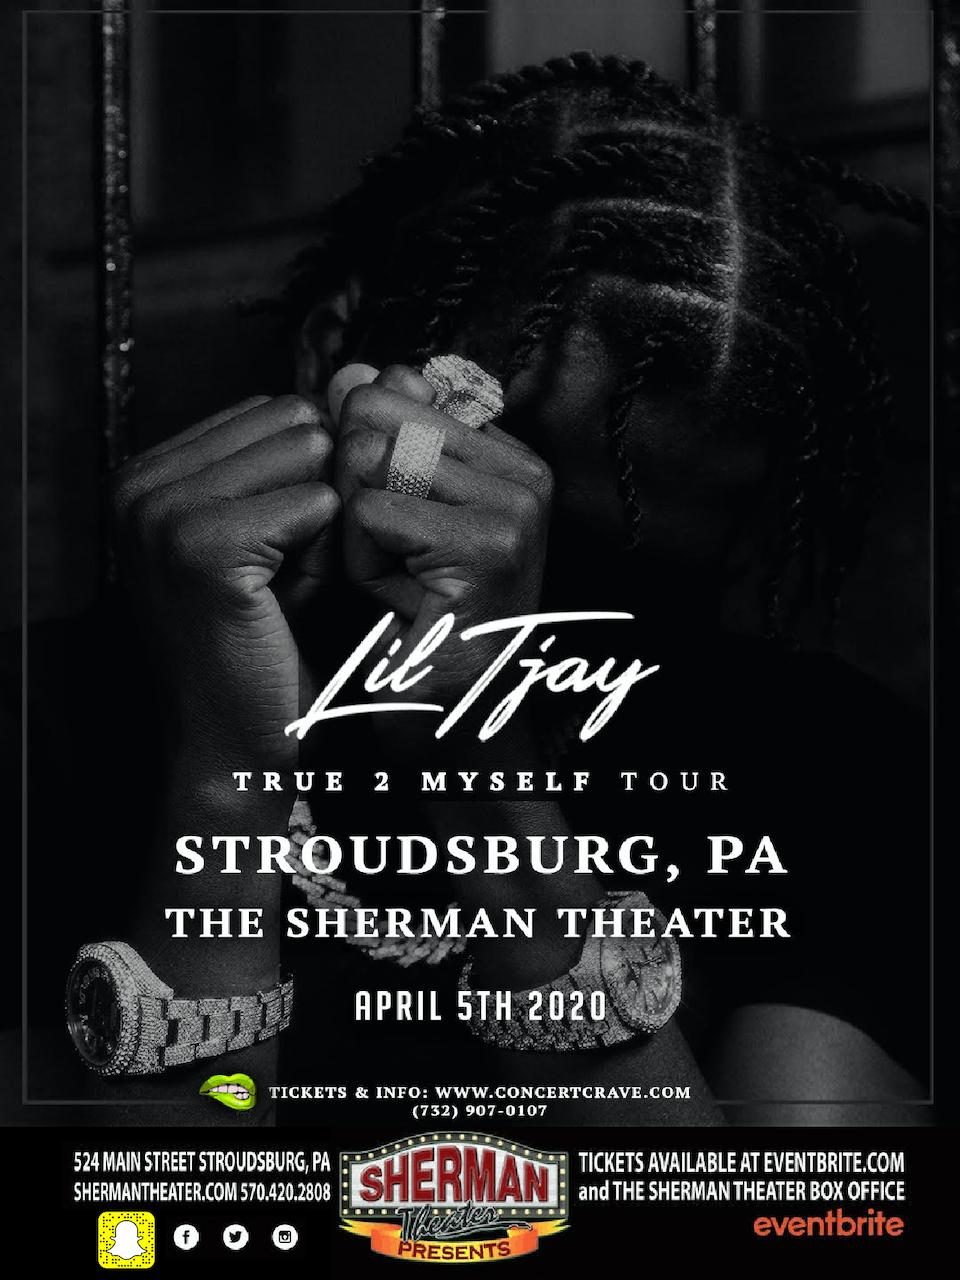 POSTPONED: Lil Tjay True To Myself Tour